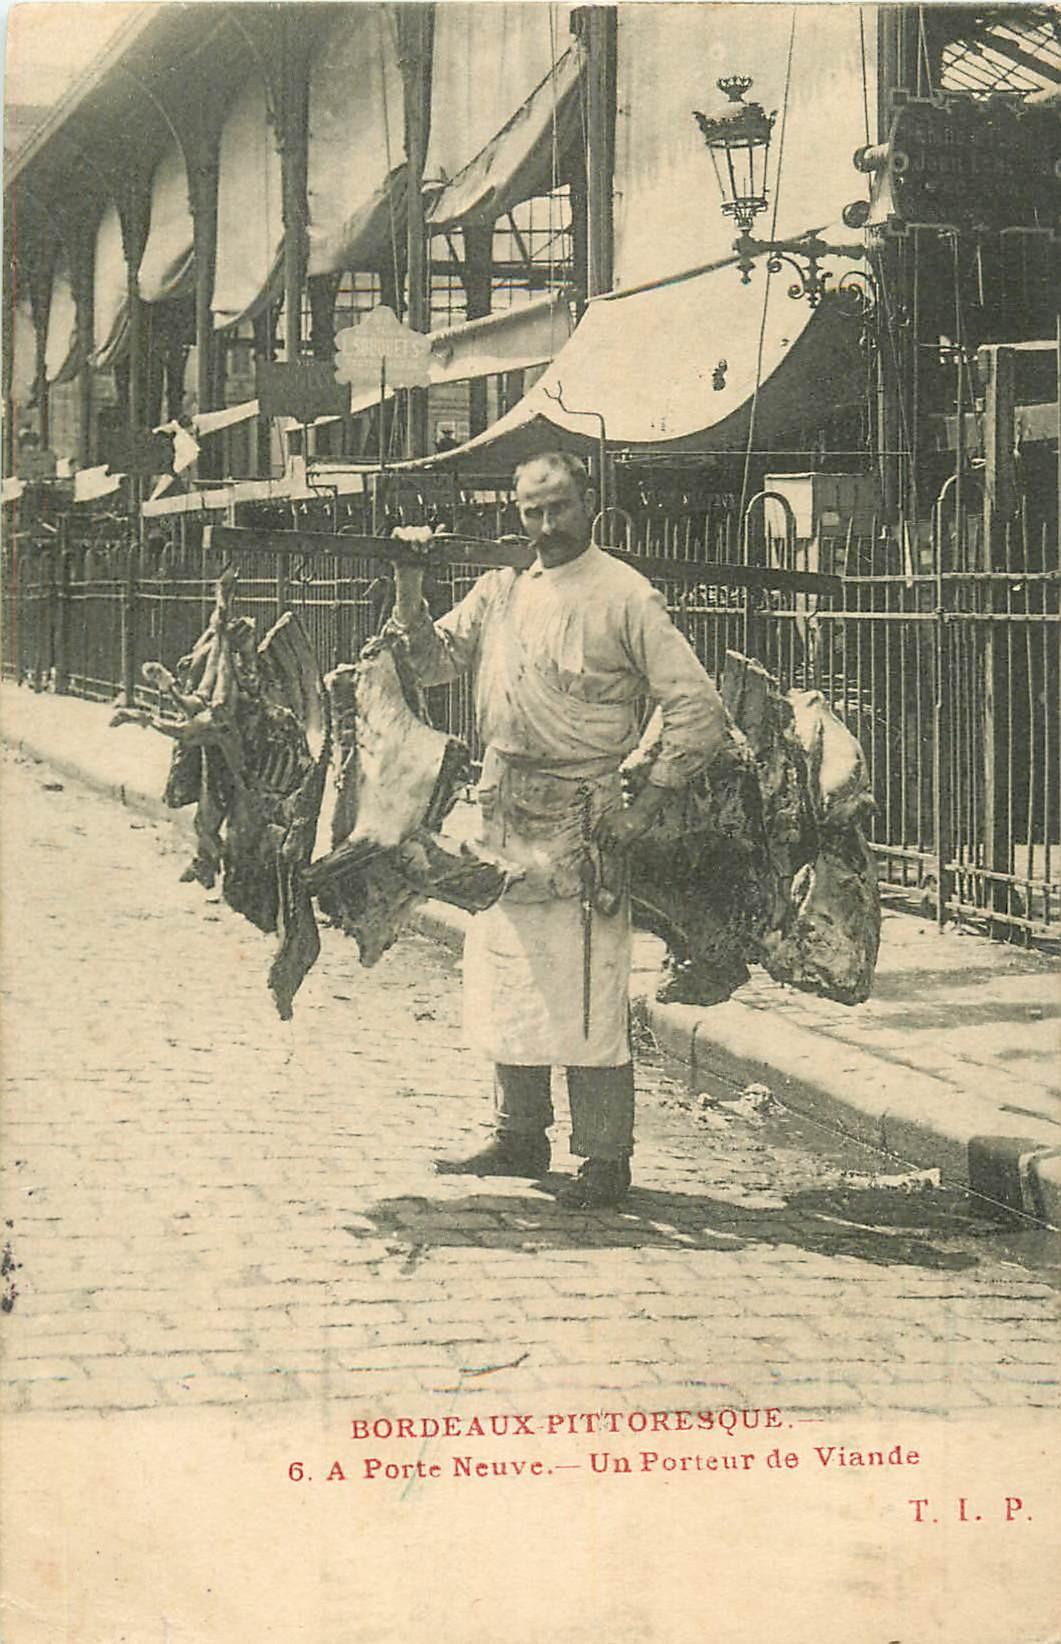 WW. 33 BORDEAUX PITTORESQUE. Un Porteur de Viande Porte Neuve 1904